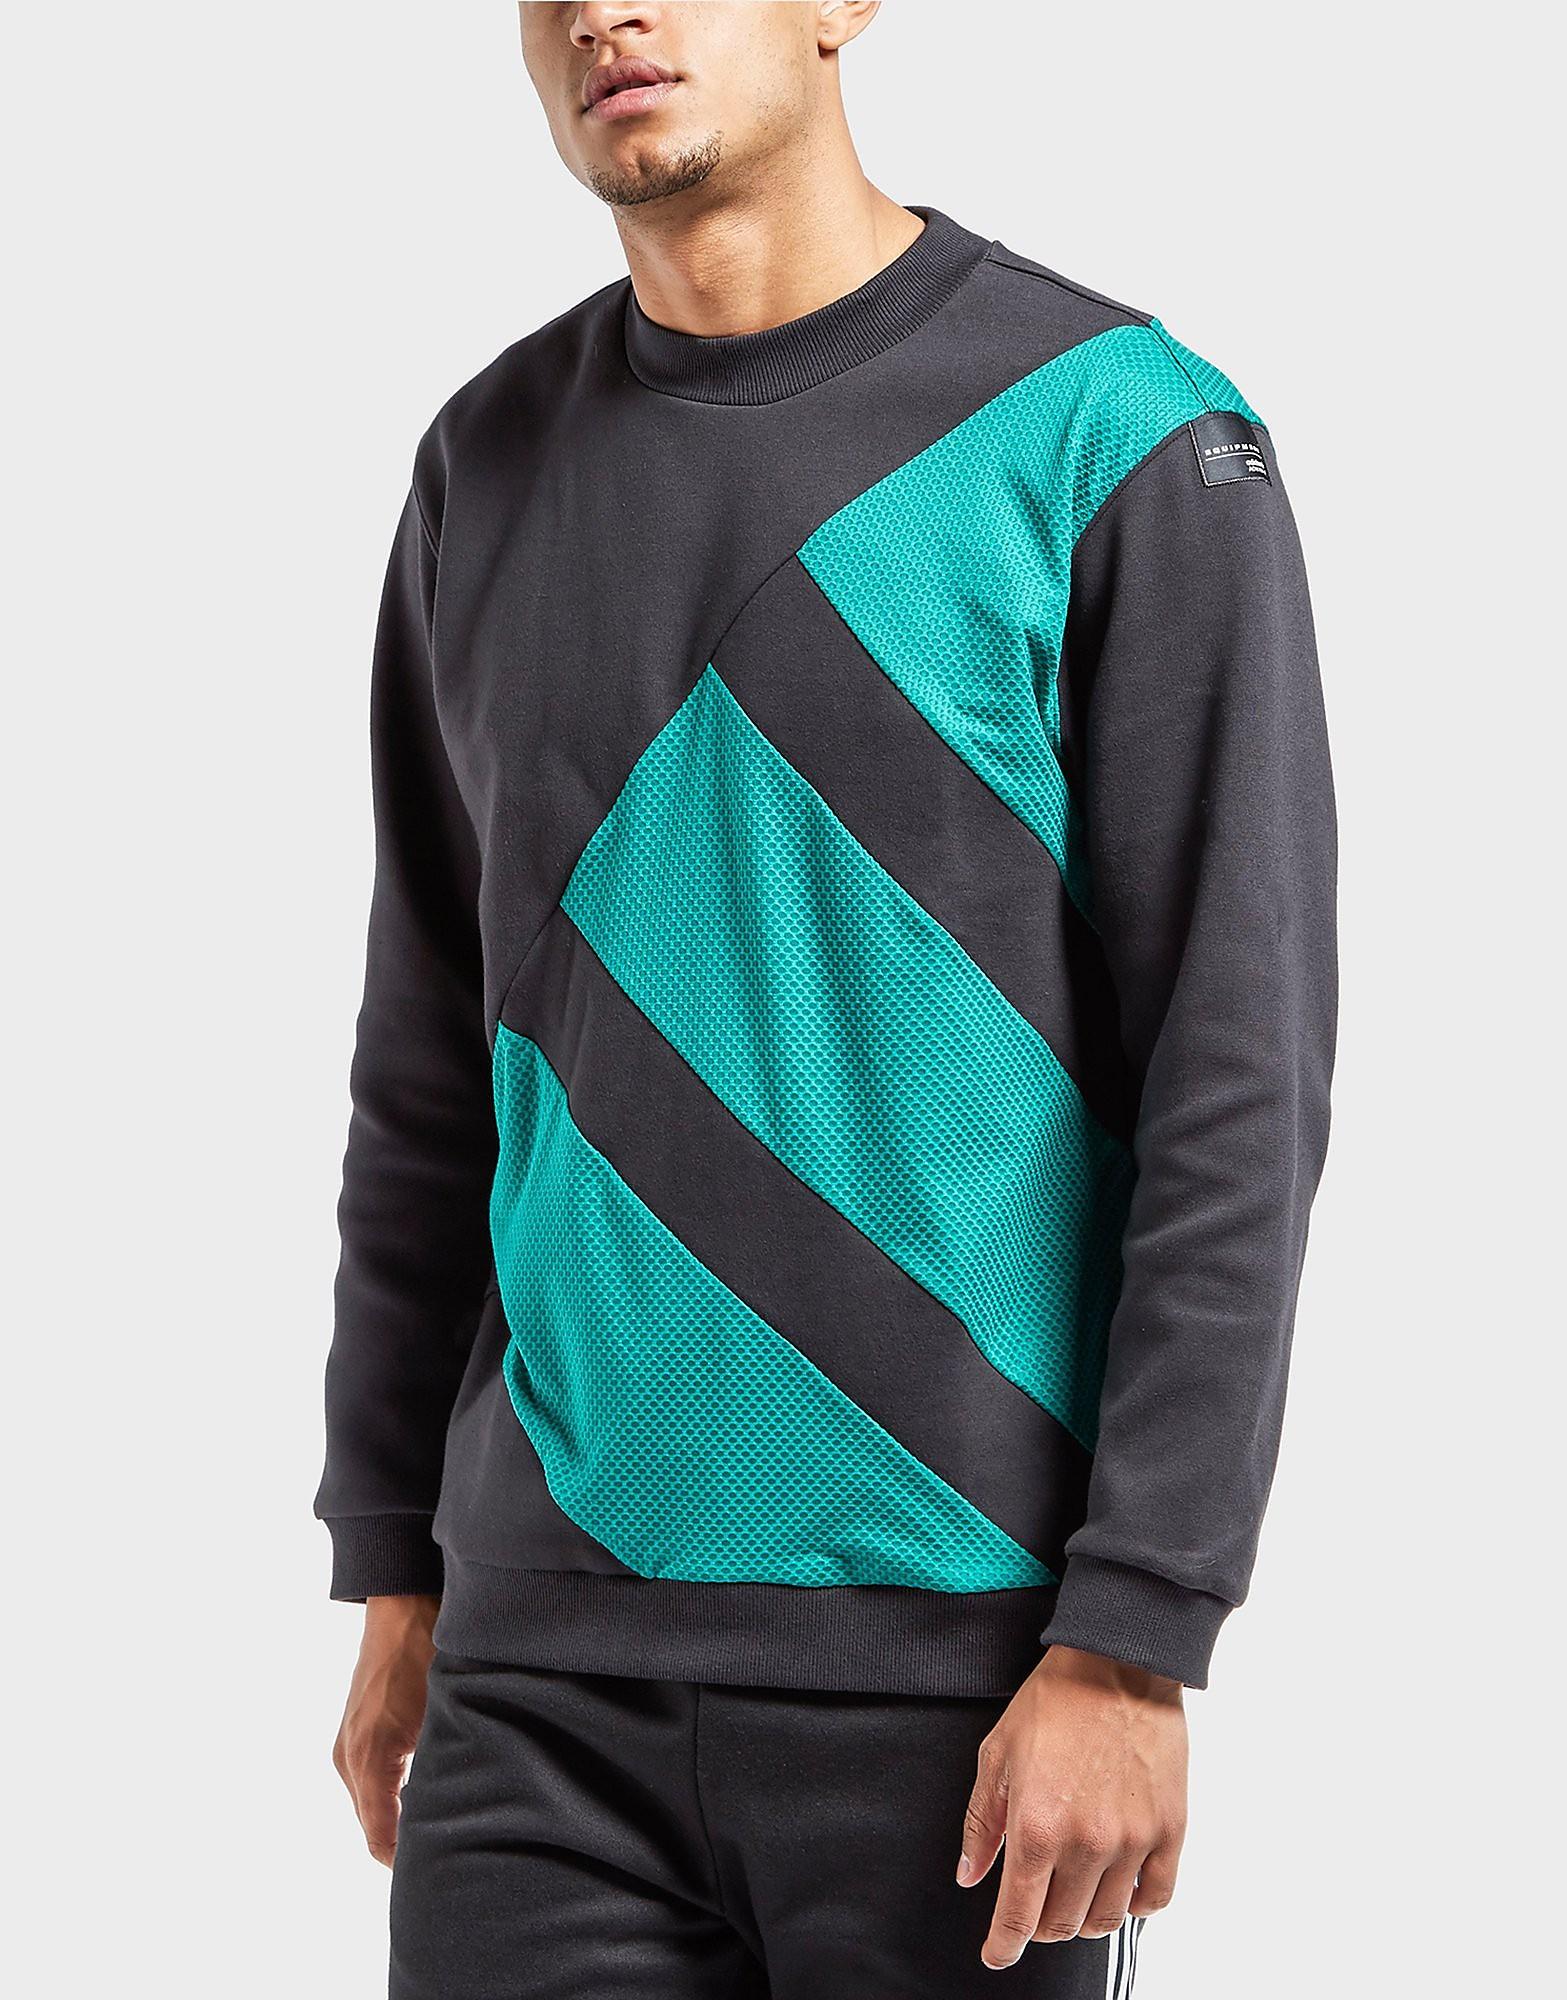 adidas Originals EQT Crewneck Sweatshirt